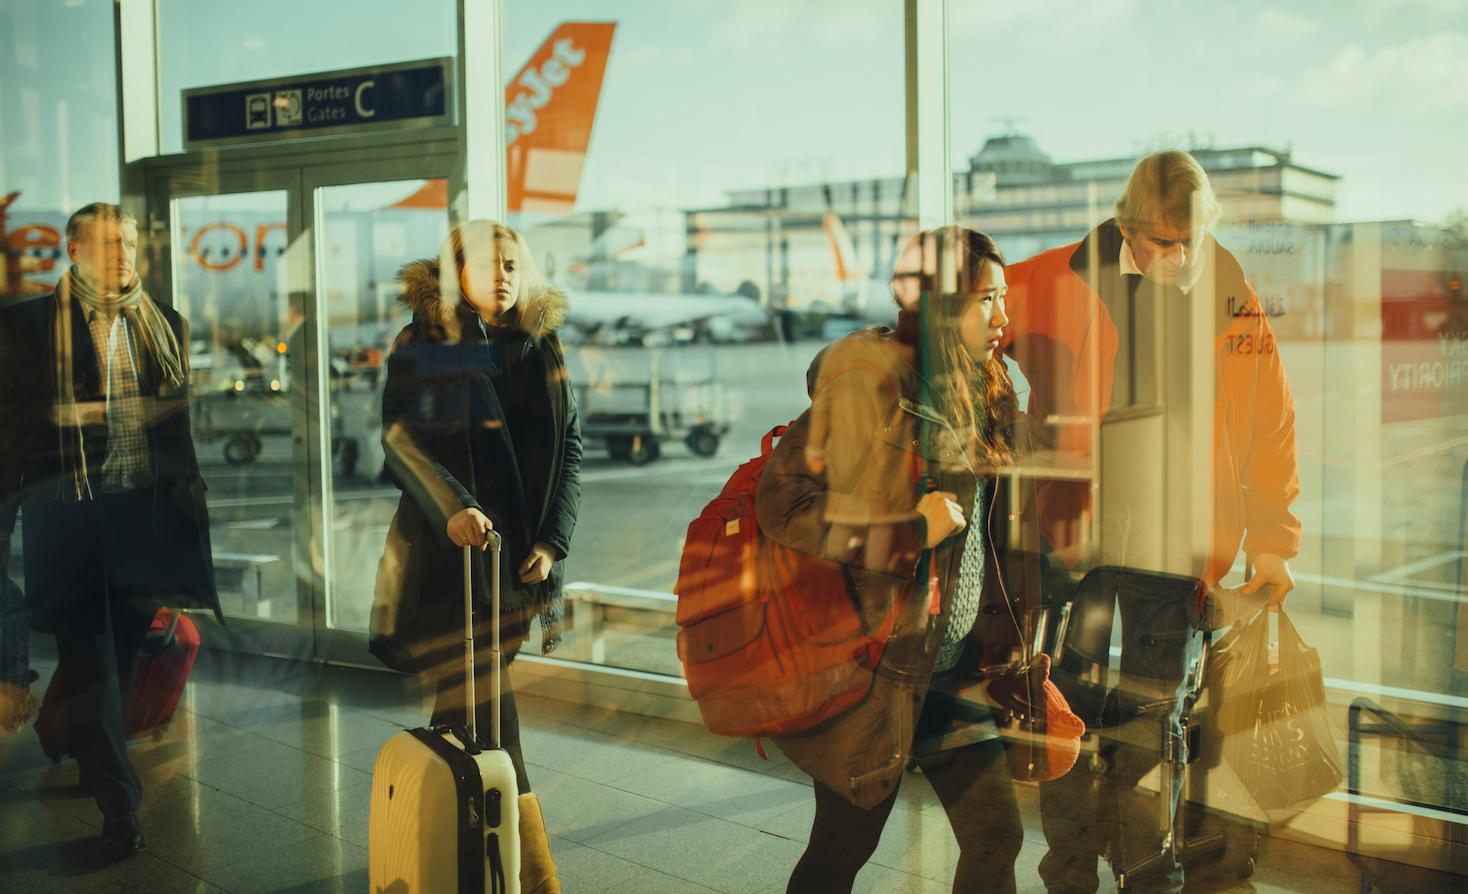 air-travel-jet lag circadian biology